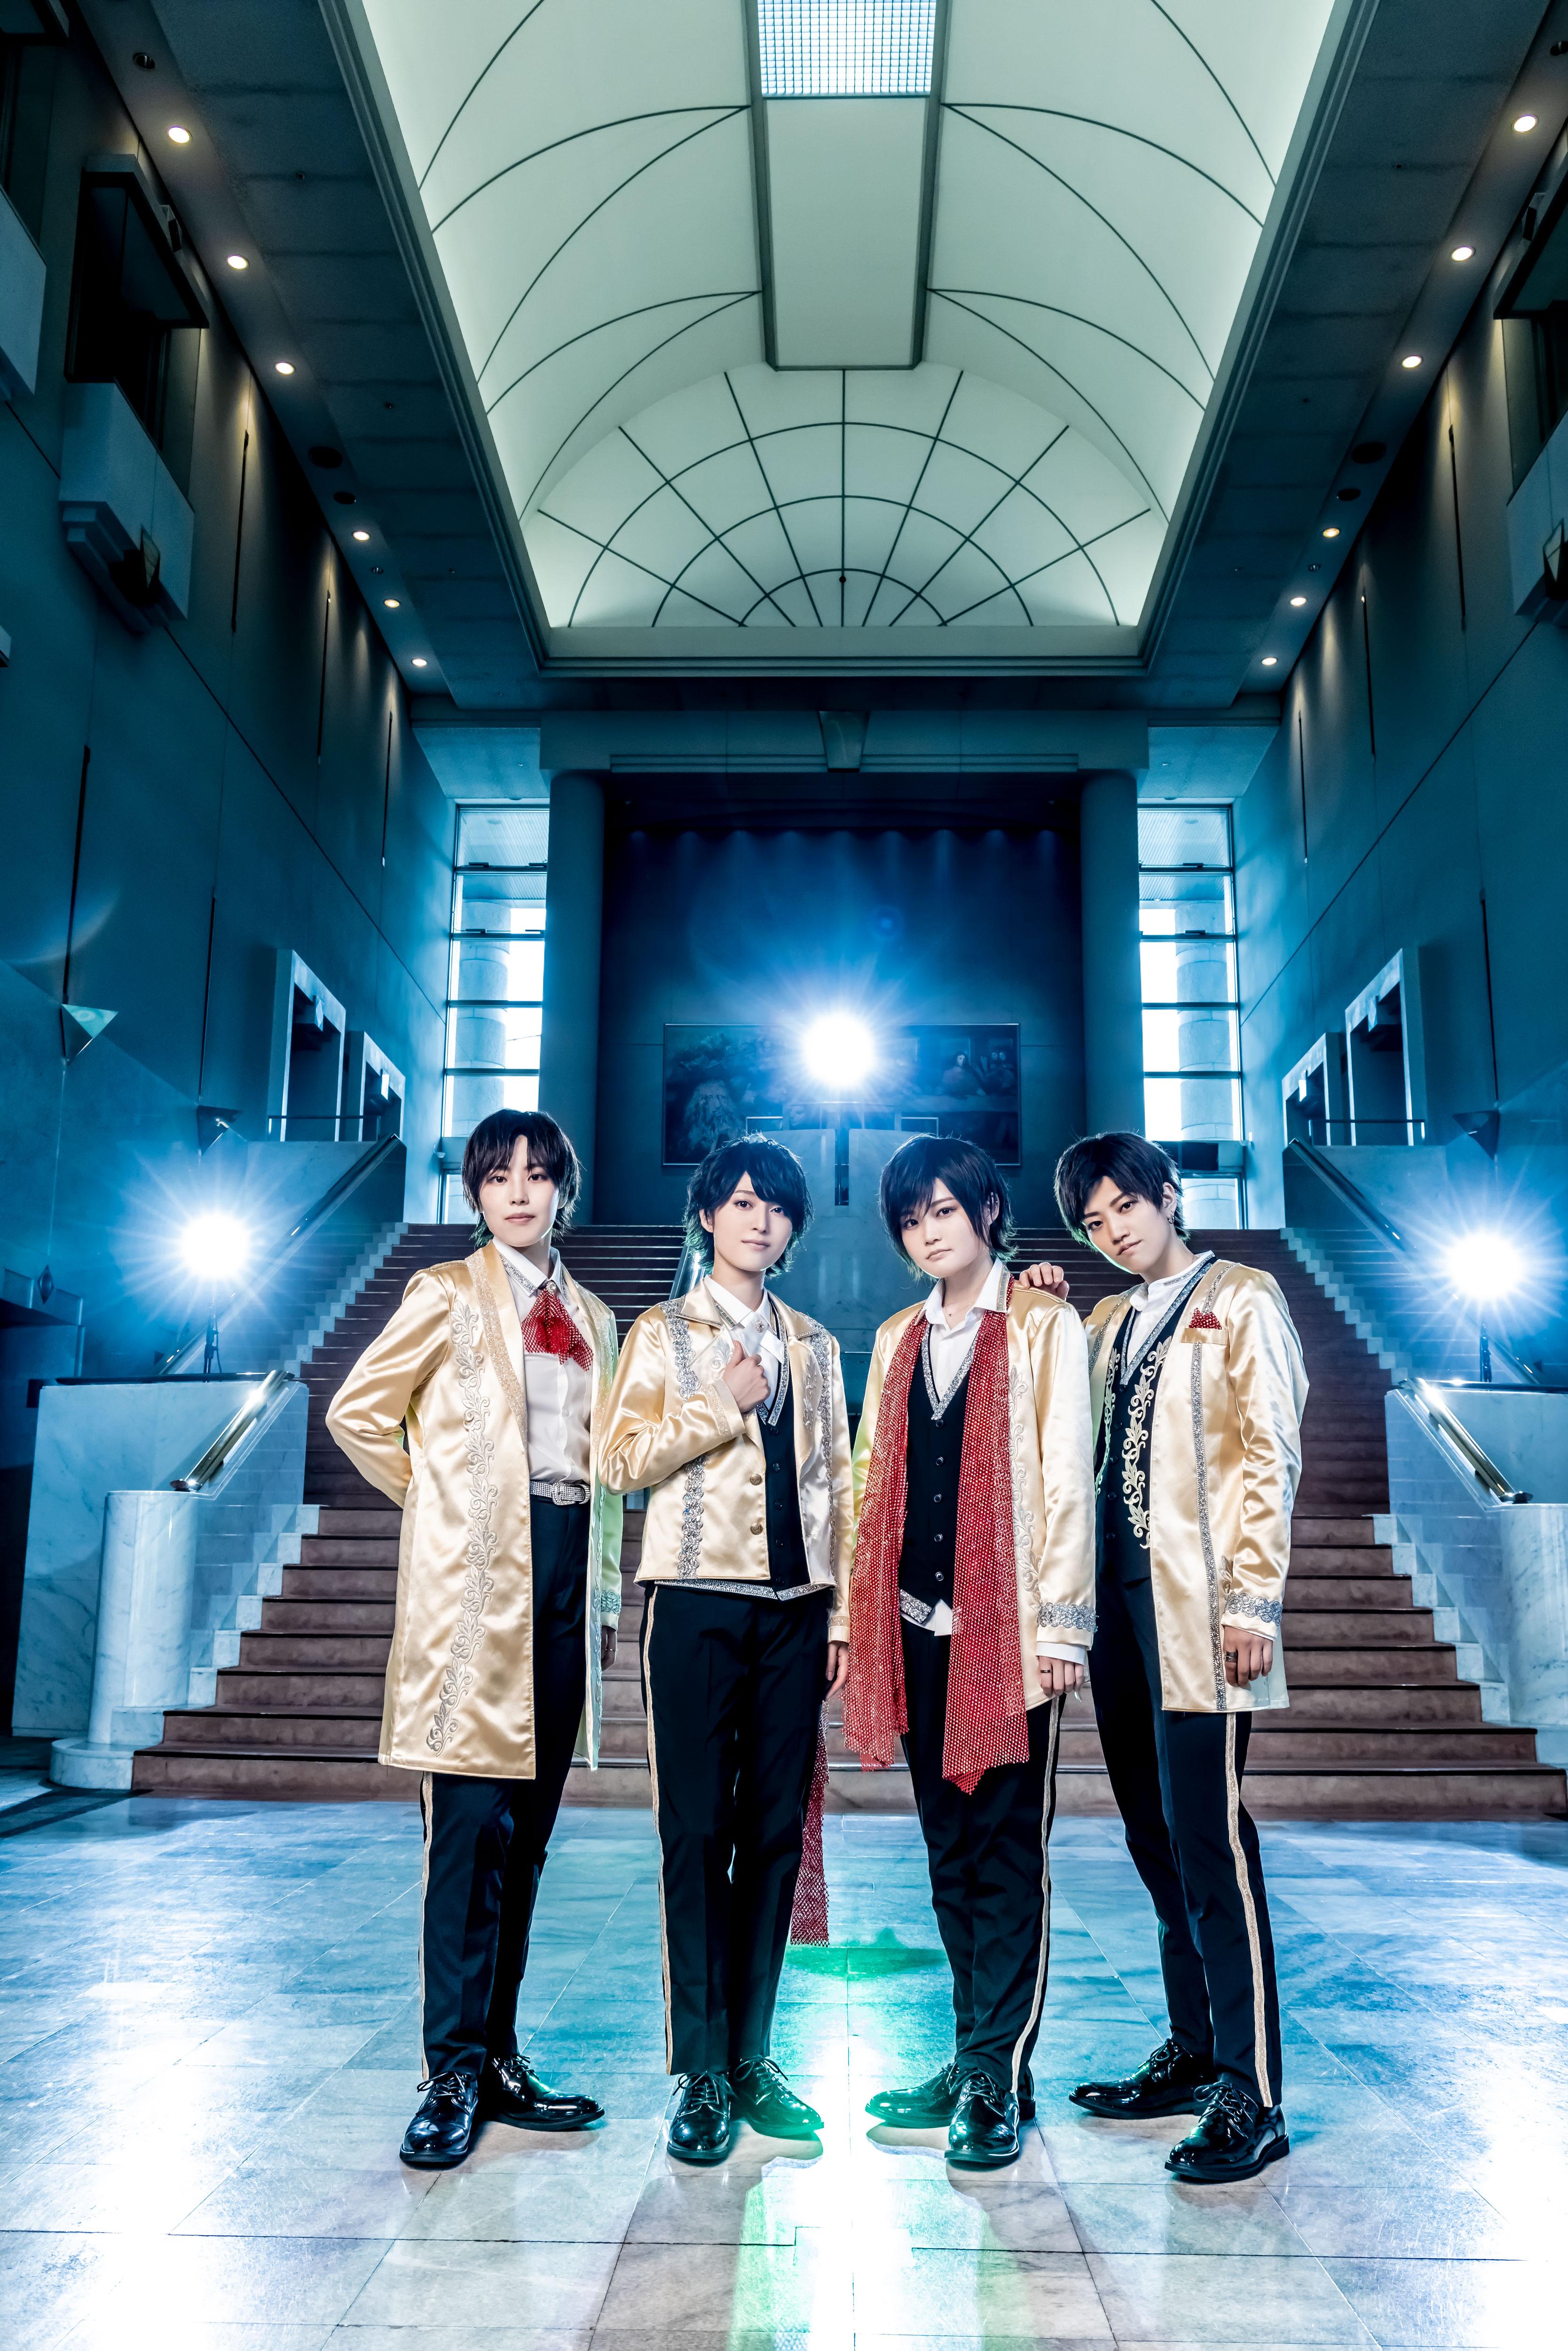 【延期】7/22 EUPHORIA First Albumリリースイベント&特典会!!